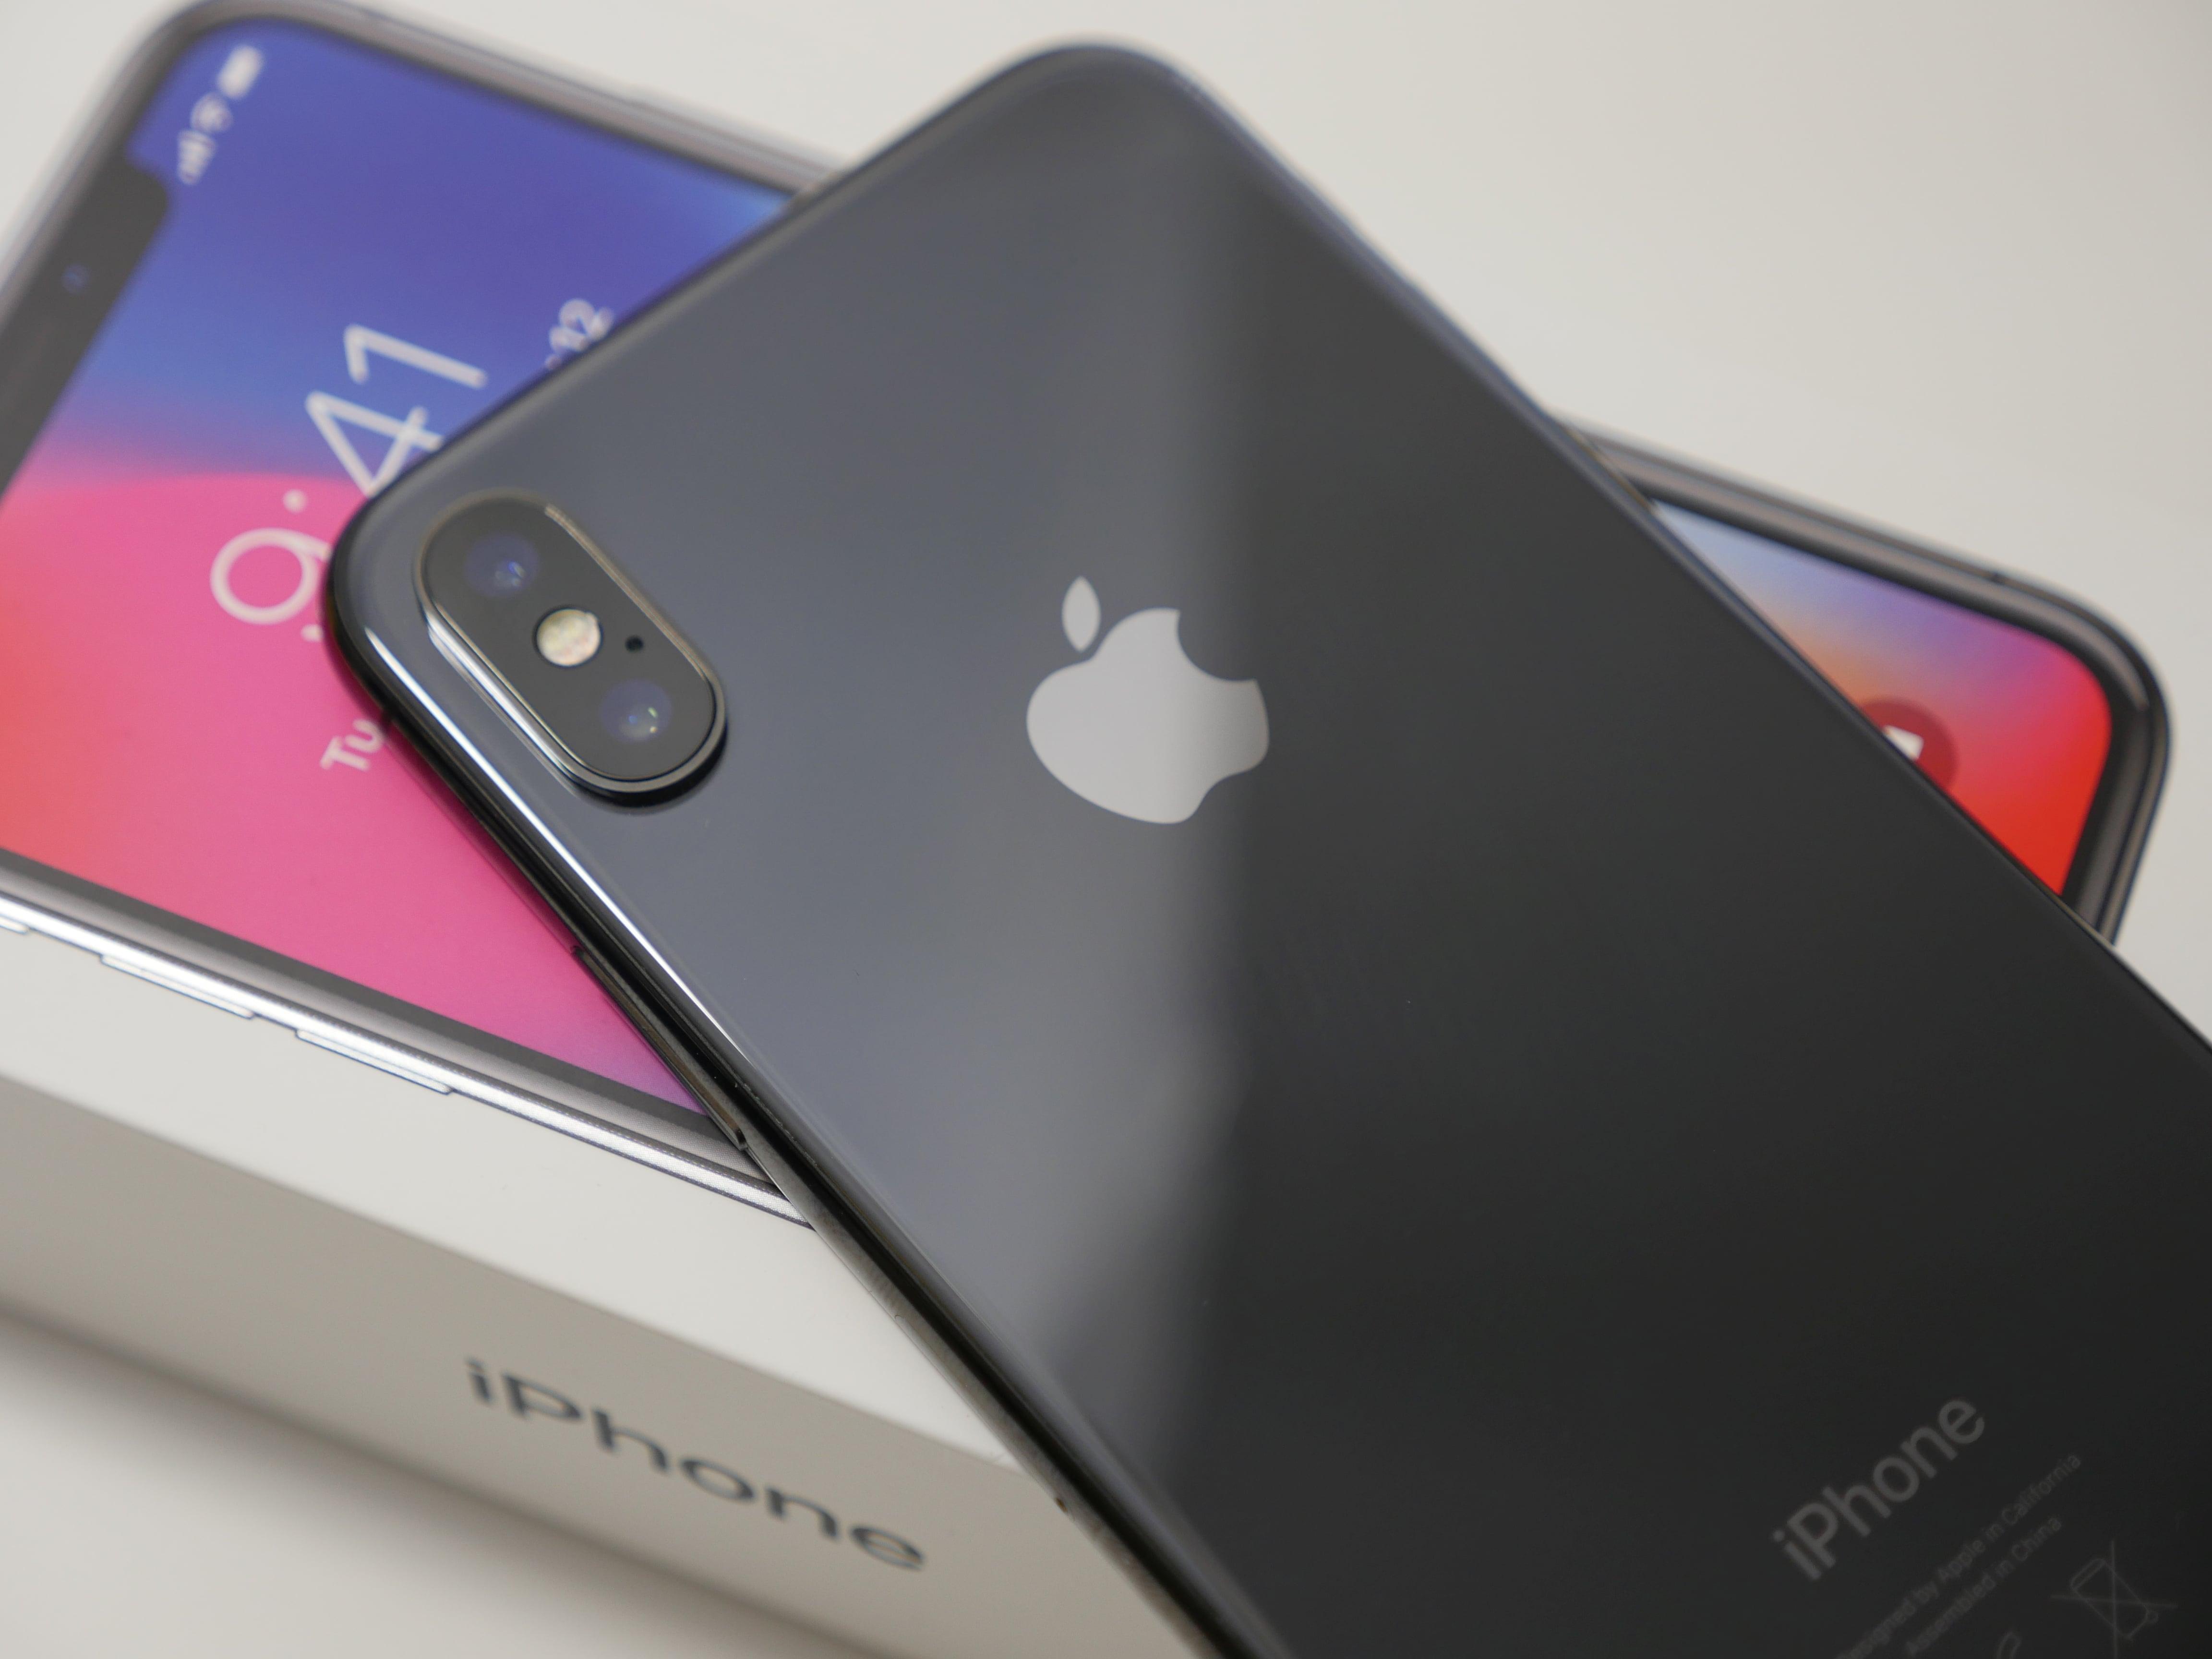 """Recenzja iPhone'a X - chyba spłynęło na mnie trochę """"emejzingu"""" 16"""